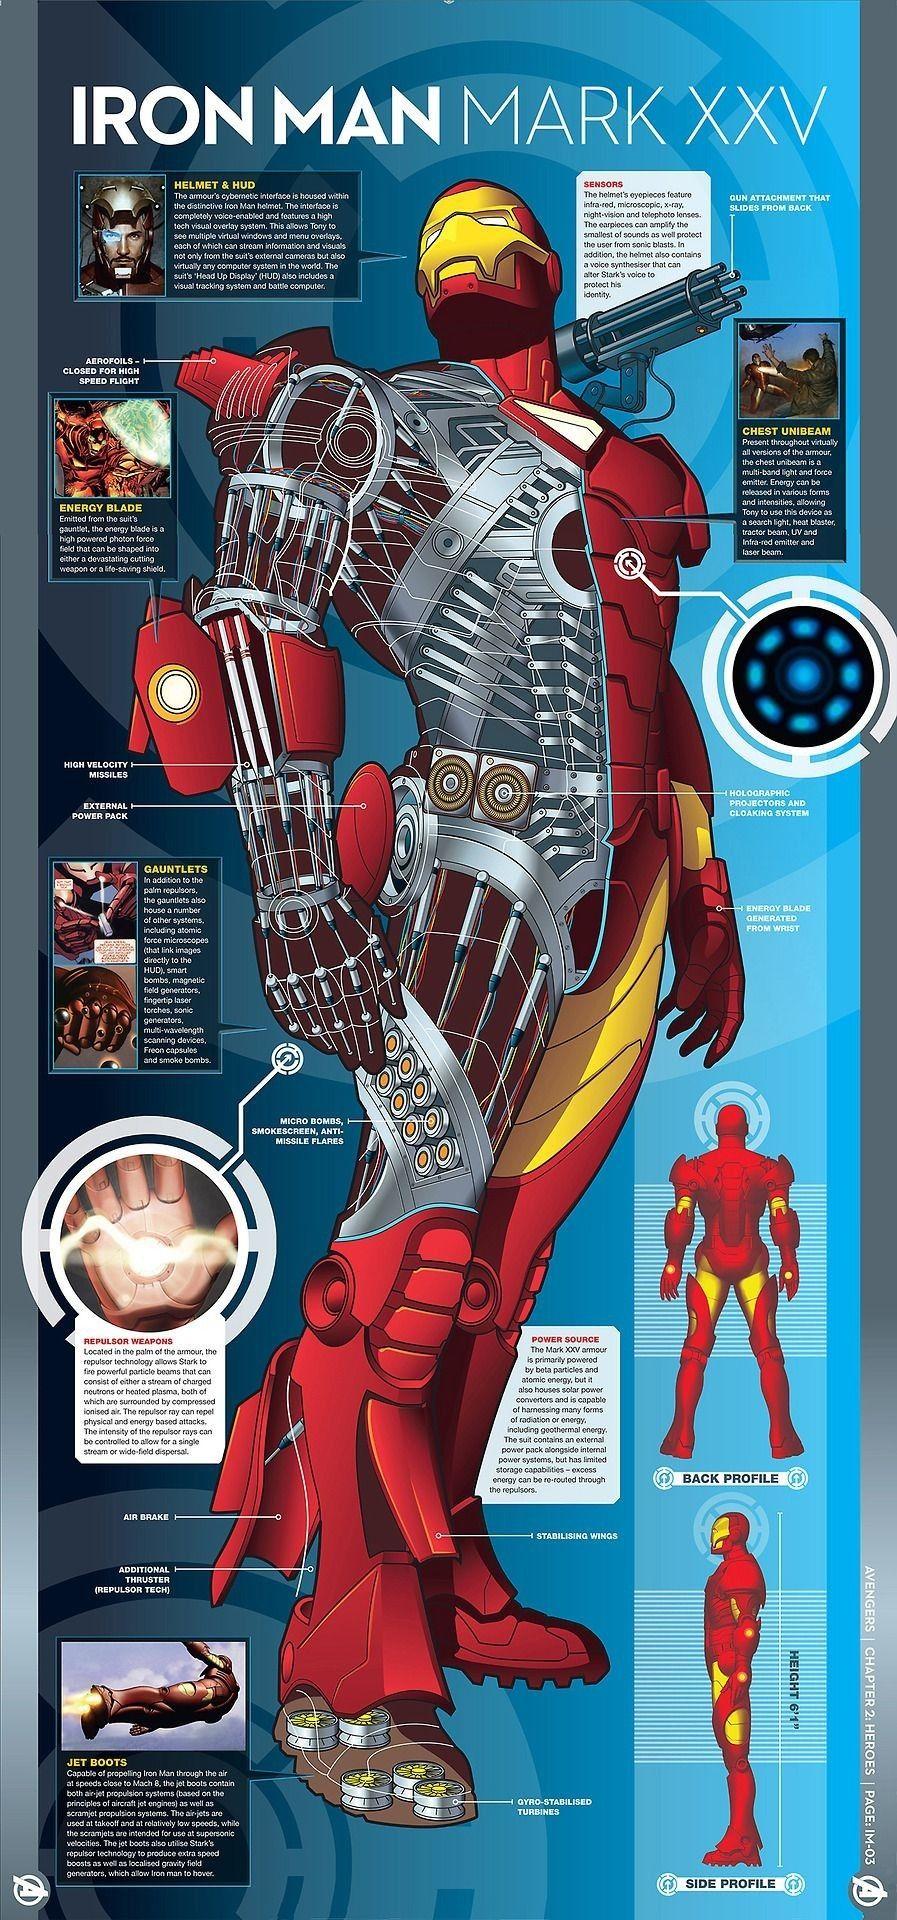 Iron Man Marvel Comics Superheroes Marvel Heroes Marvel